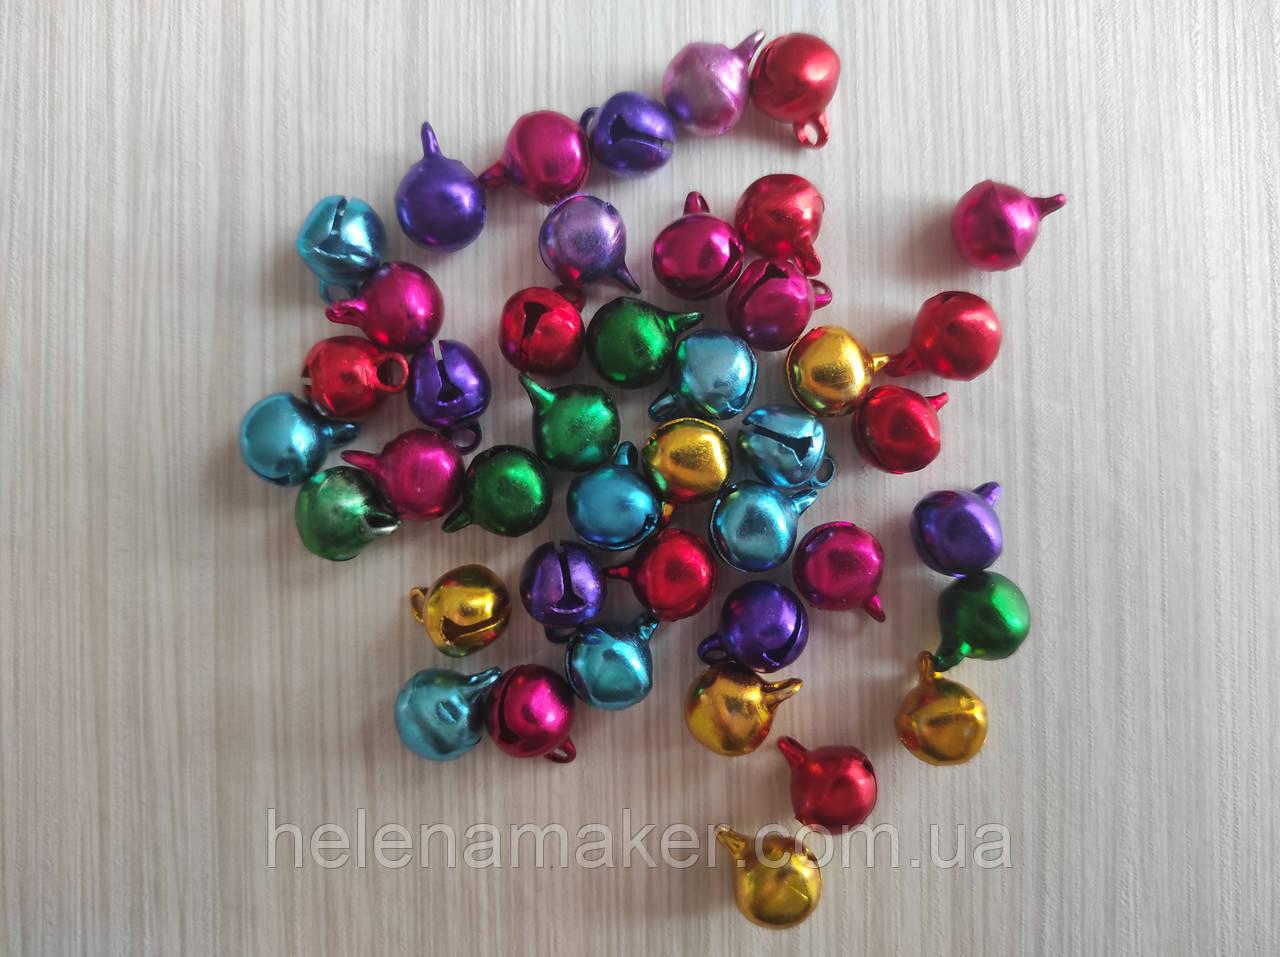 Звоночки колокольчики 10 мм. Разноцветный микс 10 шт